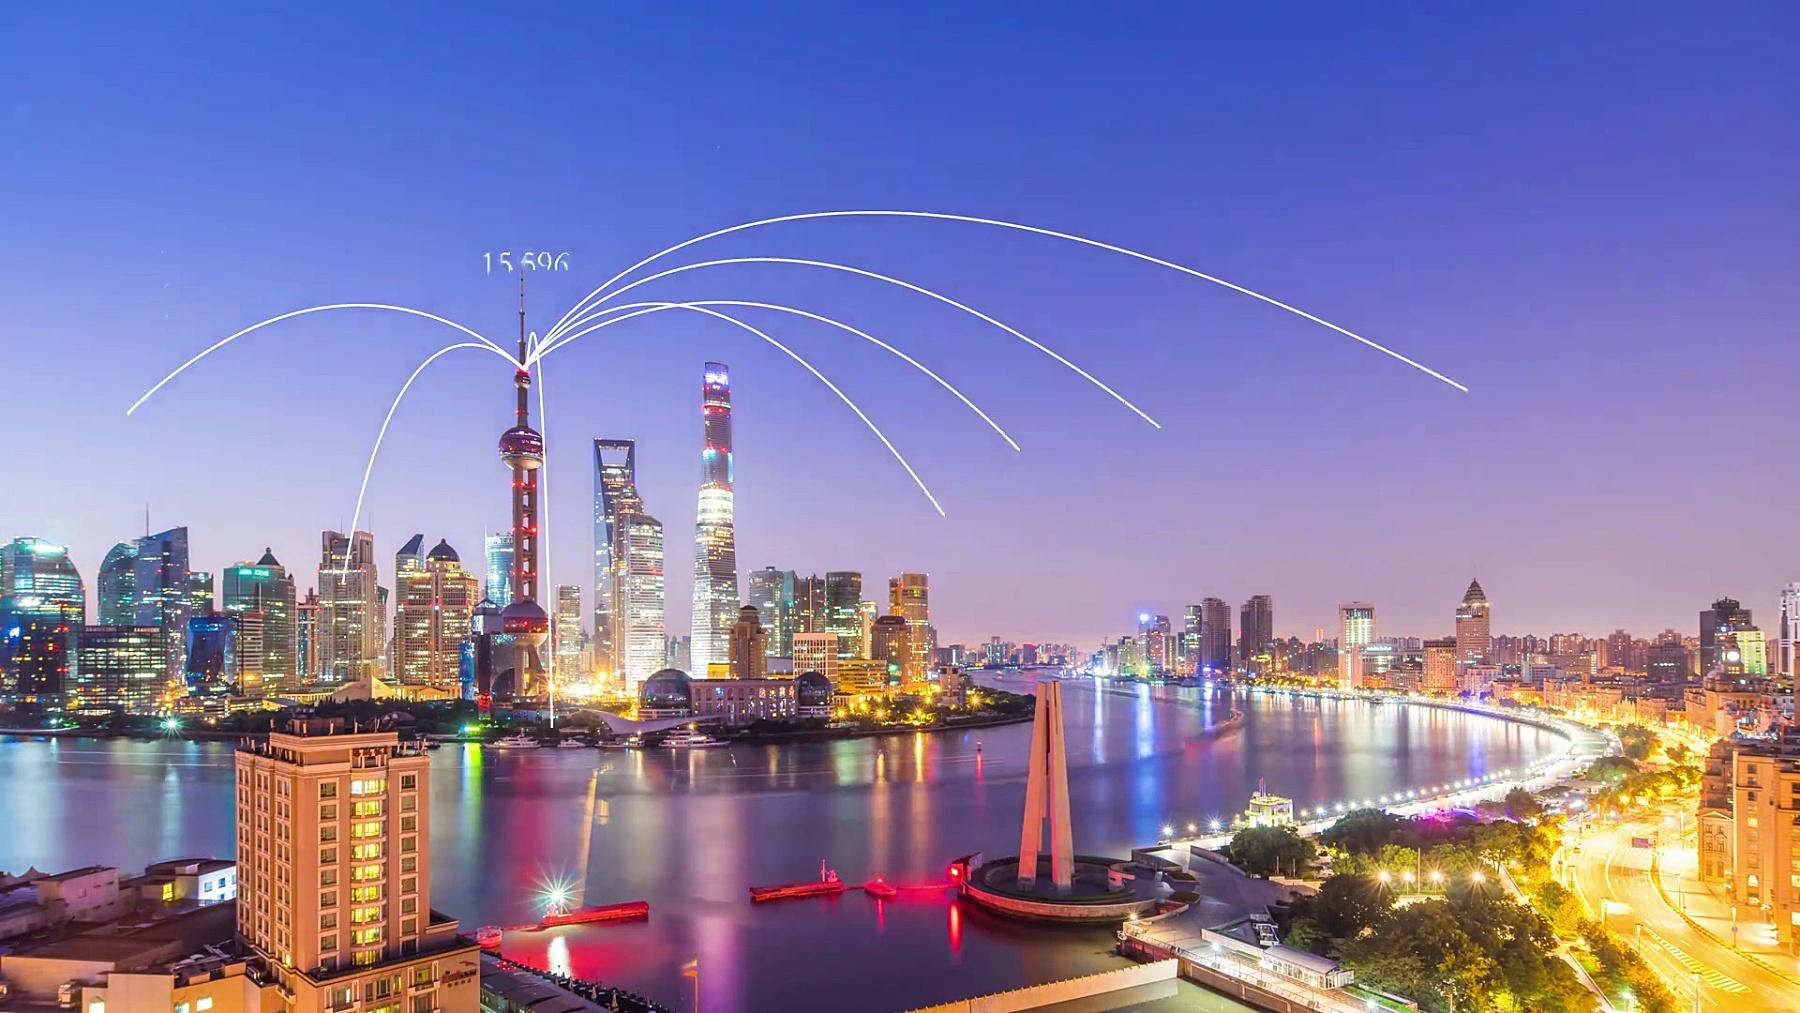 黄昏时分的智能城市中的现代建筑。时间间隔